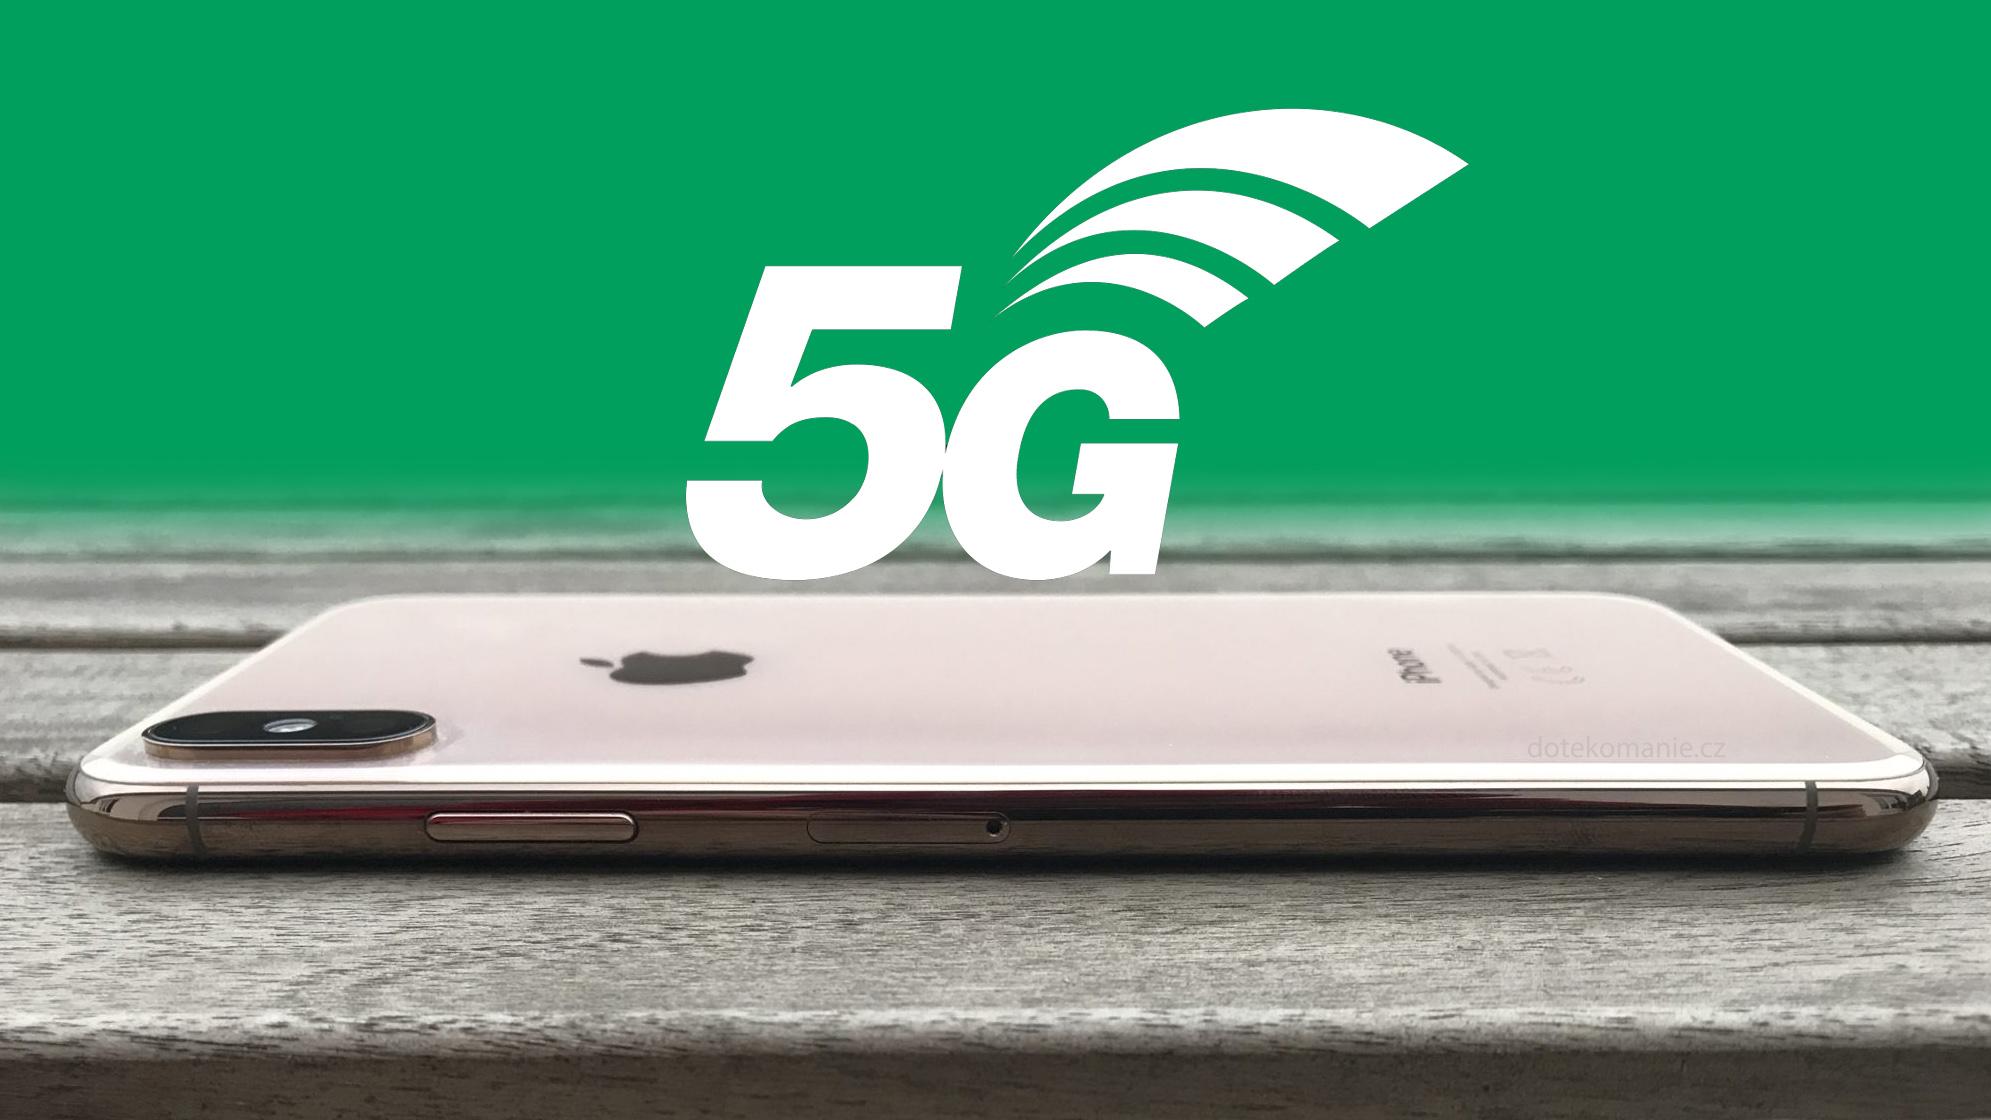 Všechny iPhony 2020 mají mít 5G